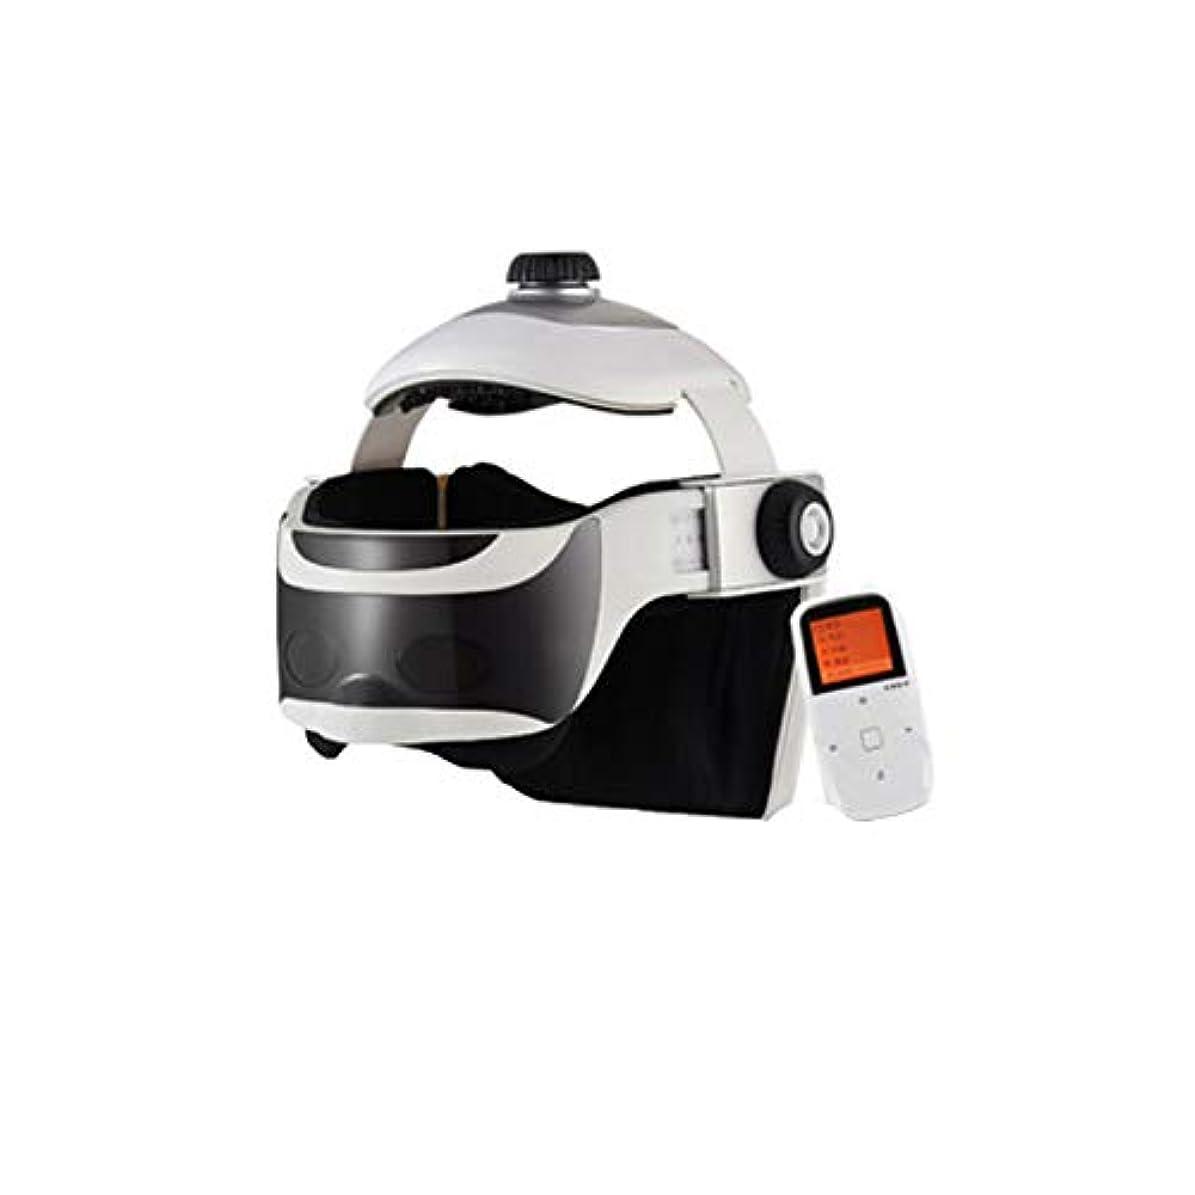 マッサージャー - マッサージャーホーム練り頭皮マッサージヘルメット (色 : Wireless version)